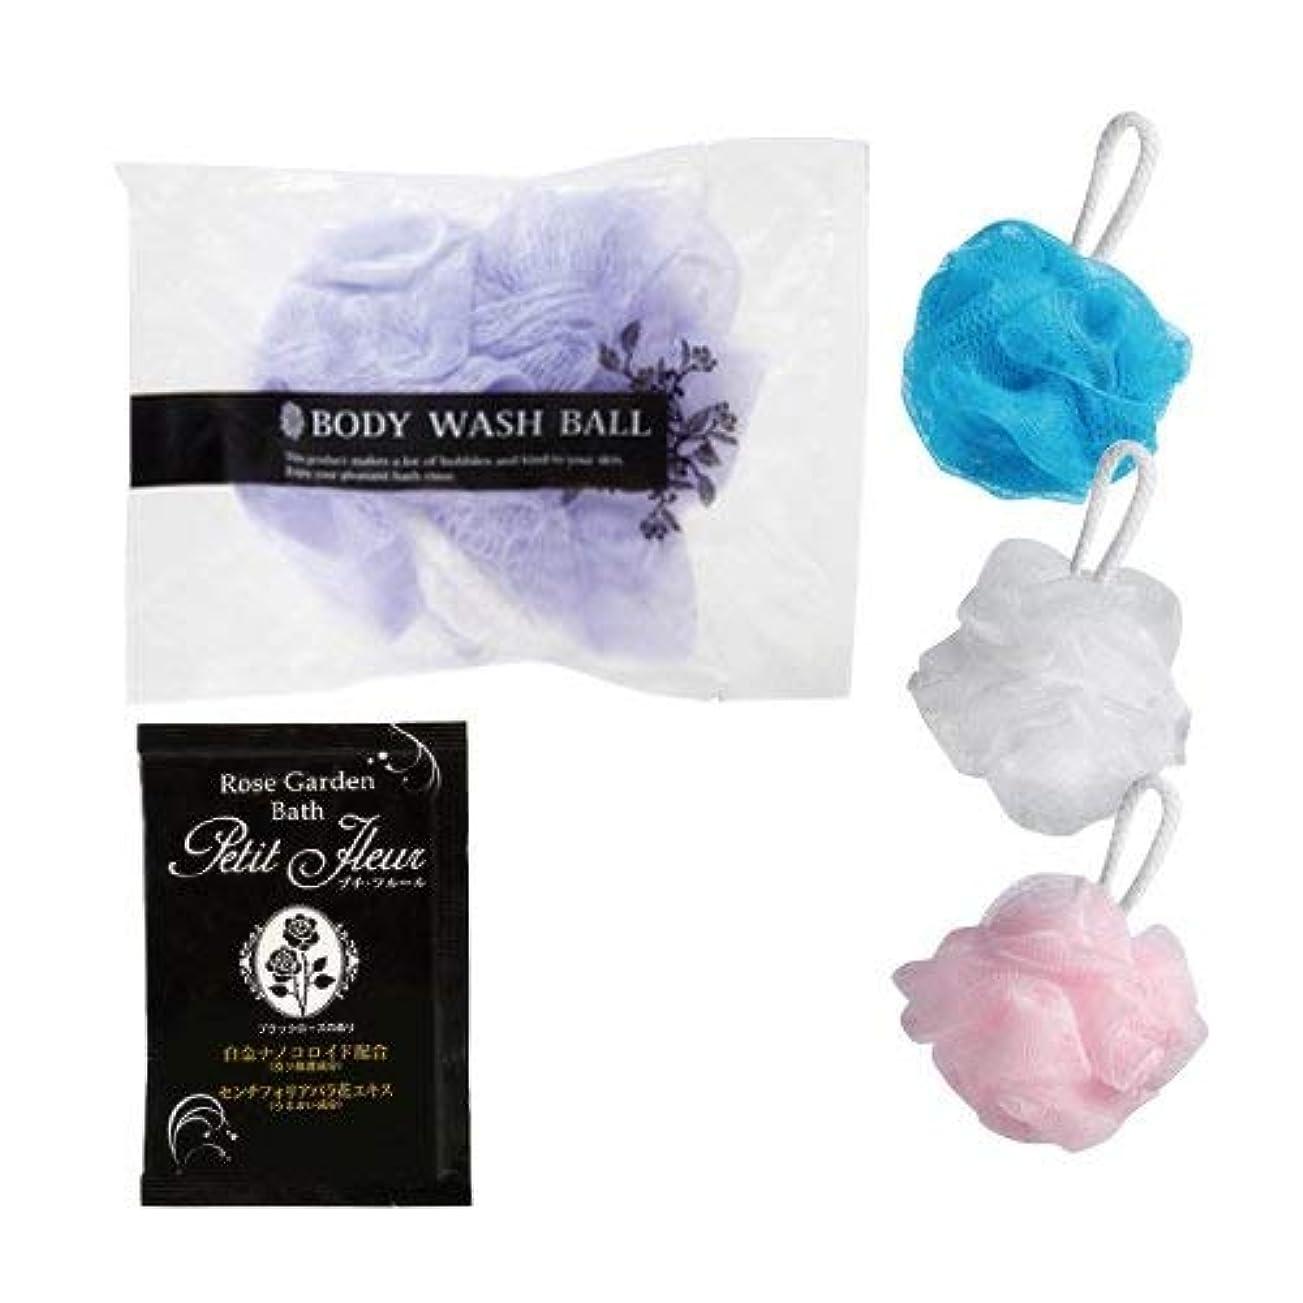 北極圏からかう薄いボディウォッシュボール (BODY WASH BALL) 個包装 (4色アソート) 50個 + 入浴剤プチフルール(1回分)